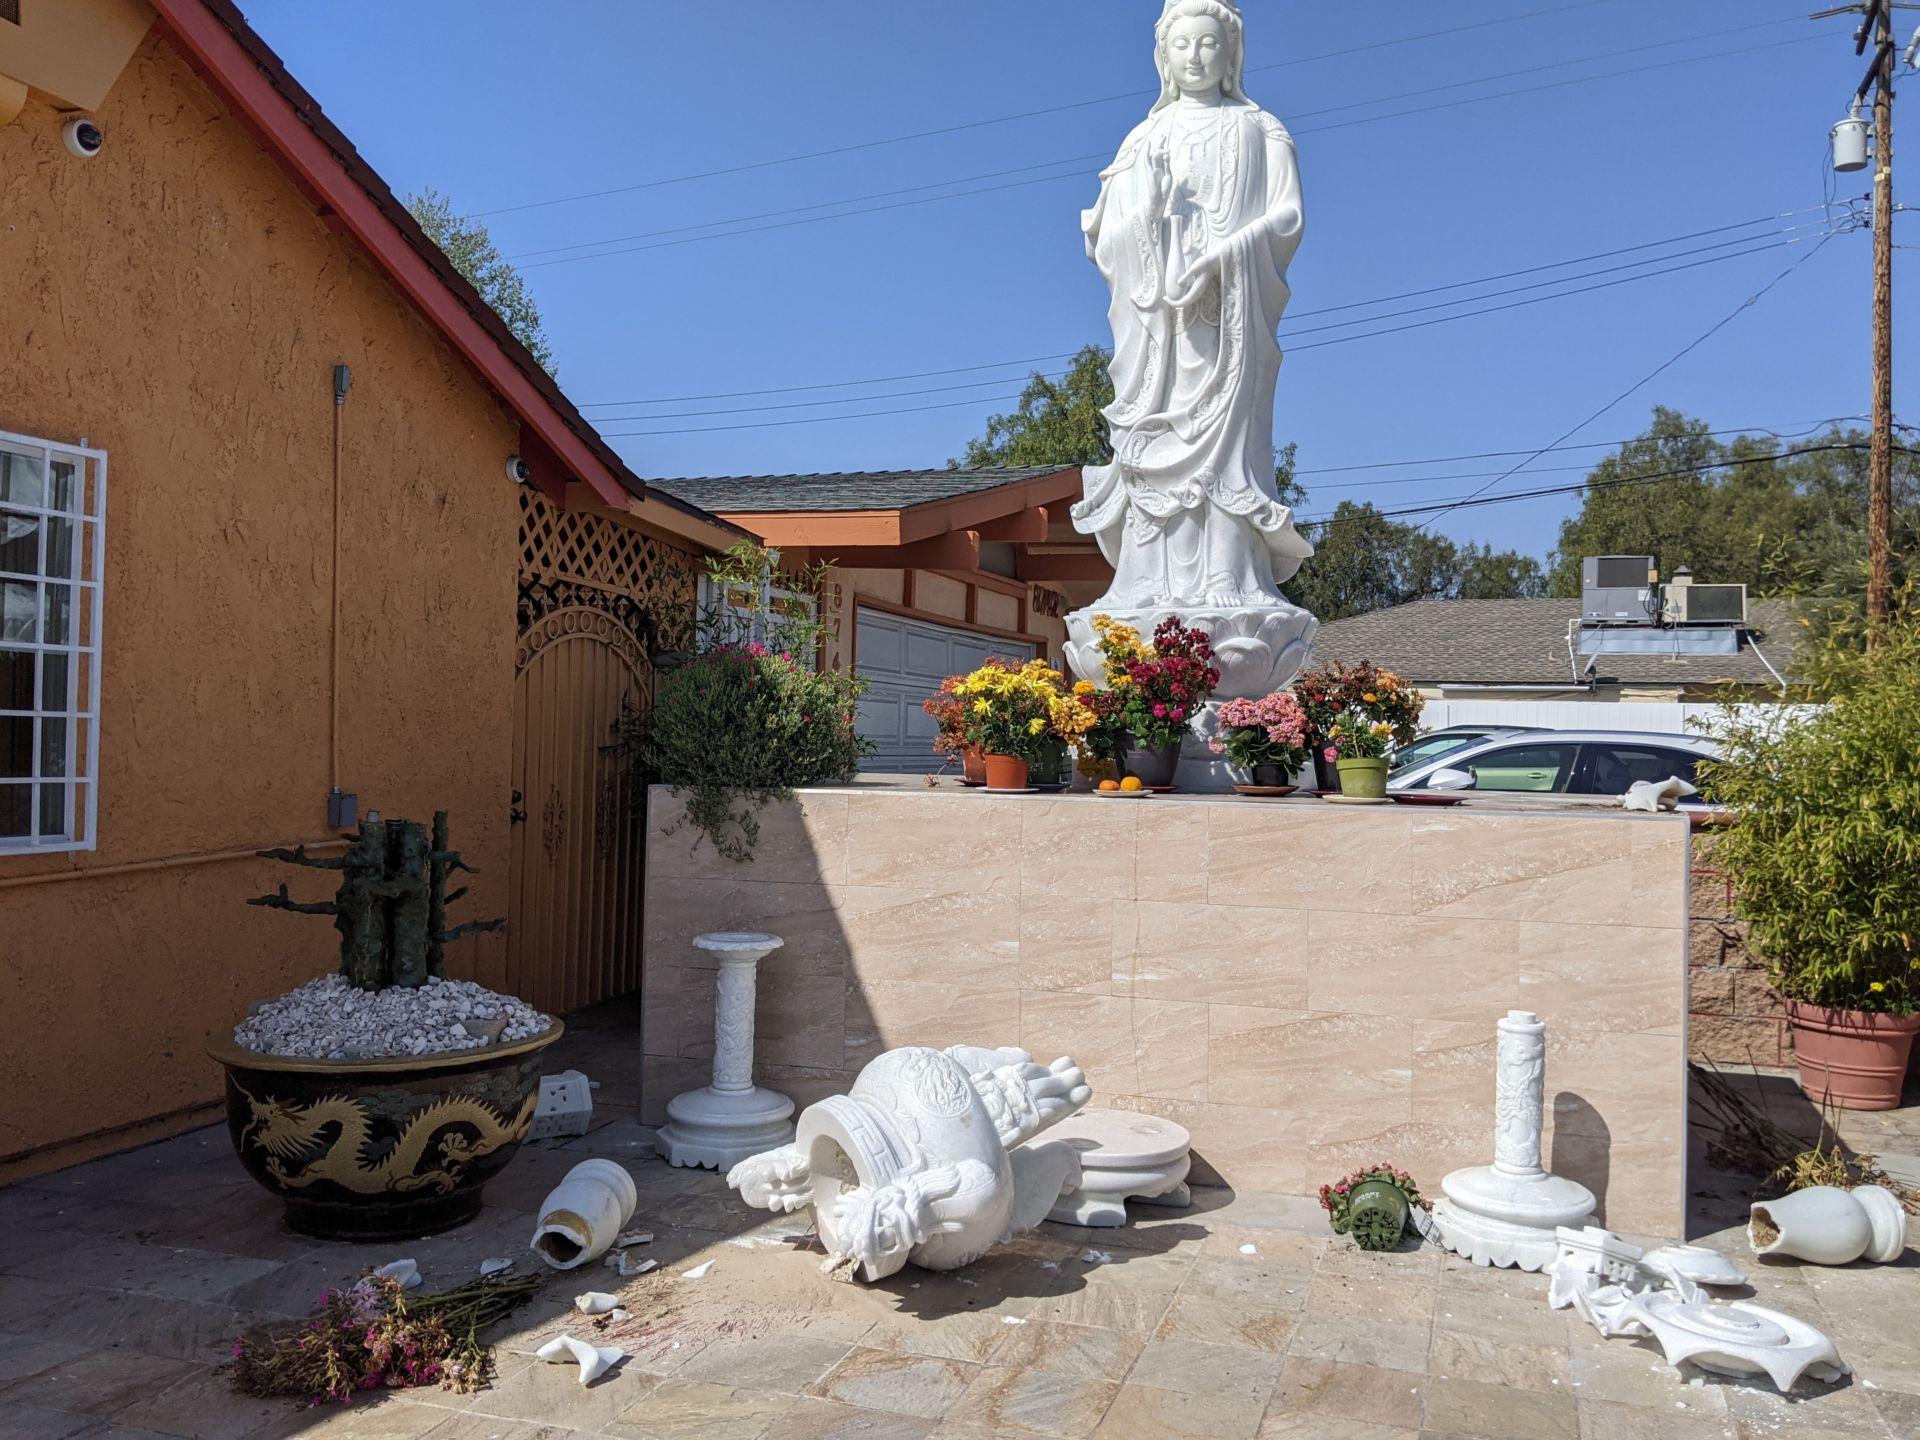 Nhiều chùa ở Little Saigon và Nam California bị trộm và đập phá DP-chua-Nam-CA-Little-Saigon-bi-trom-1